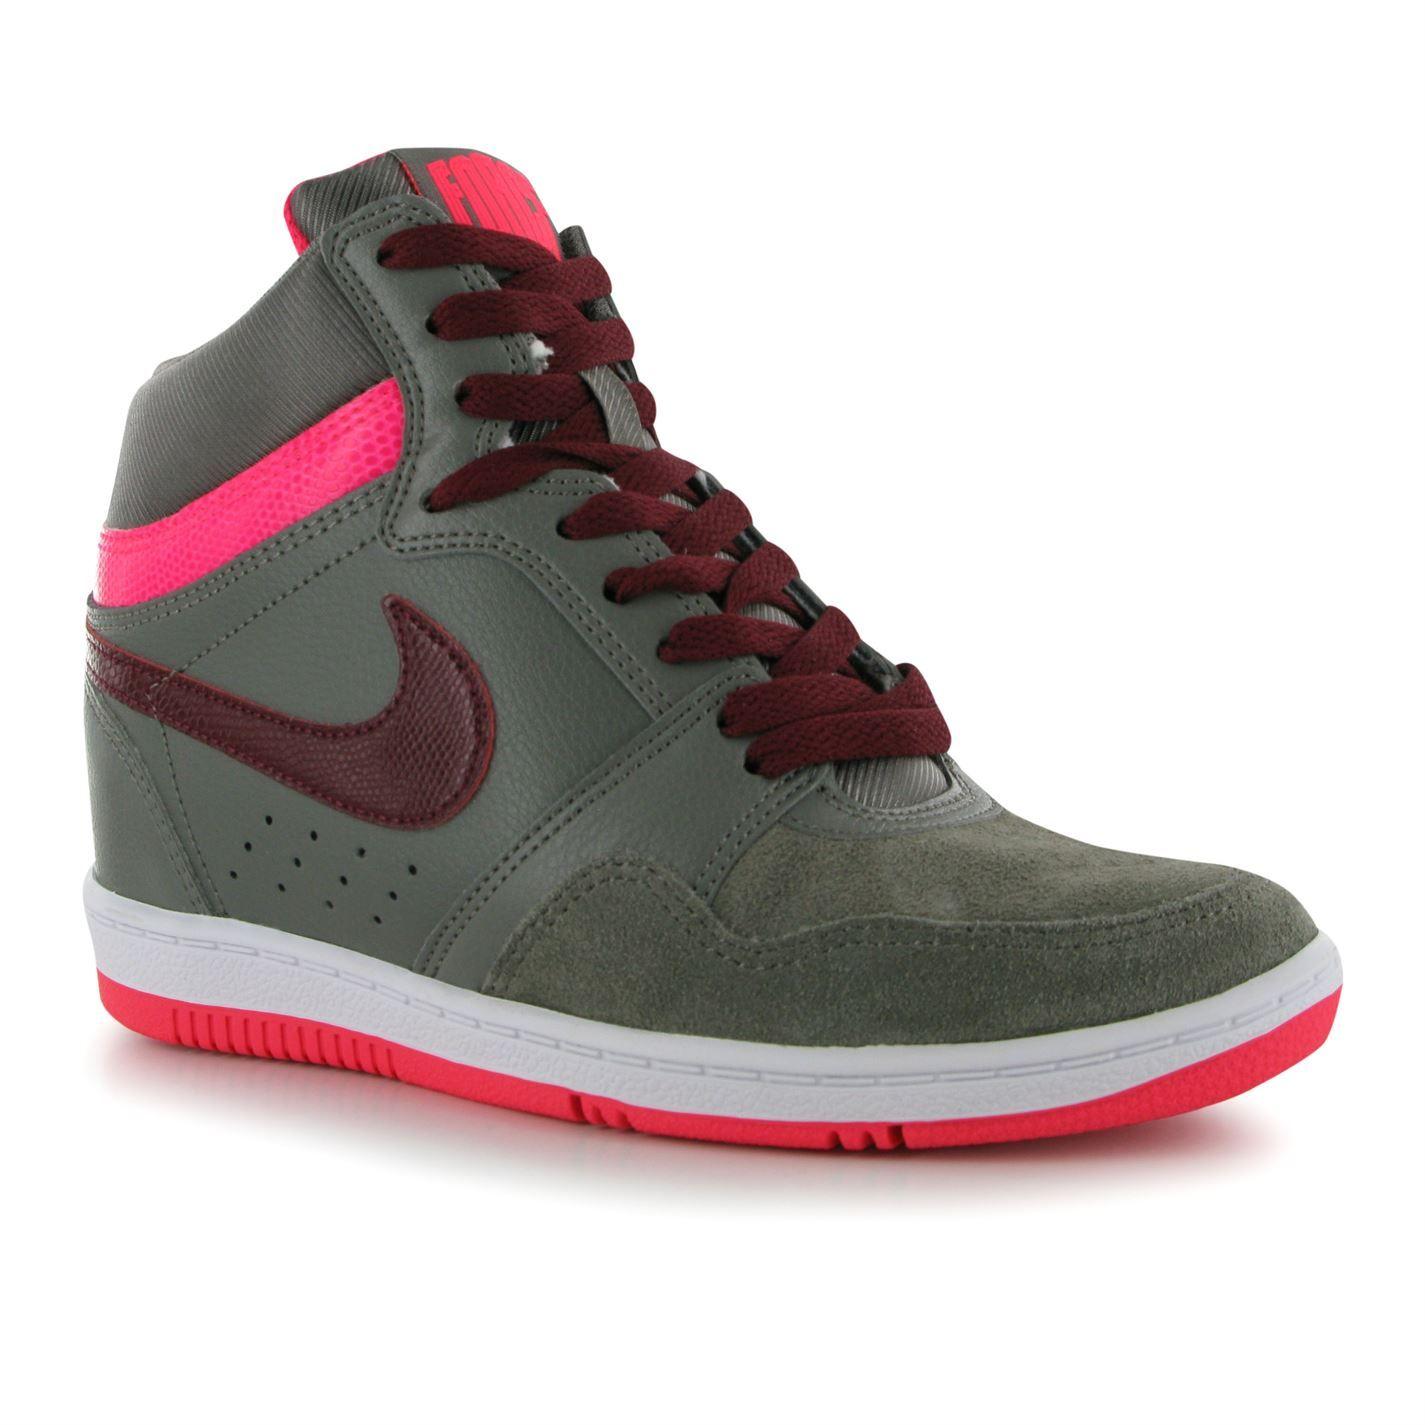 Skechers EZ Flex 3 Trainers Ladies Nike, High heels, Sky